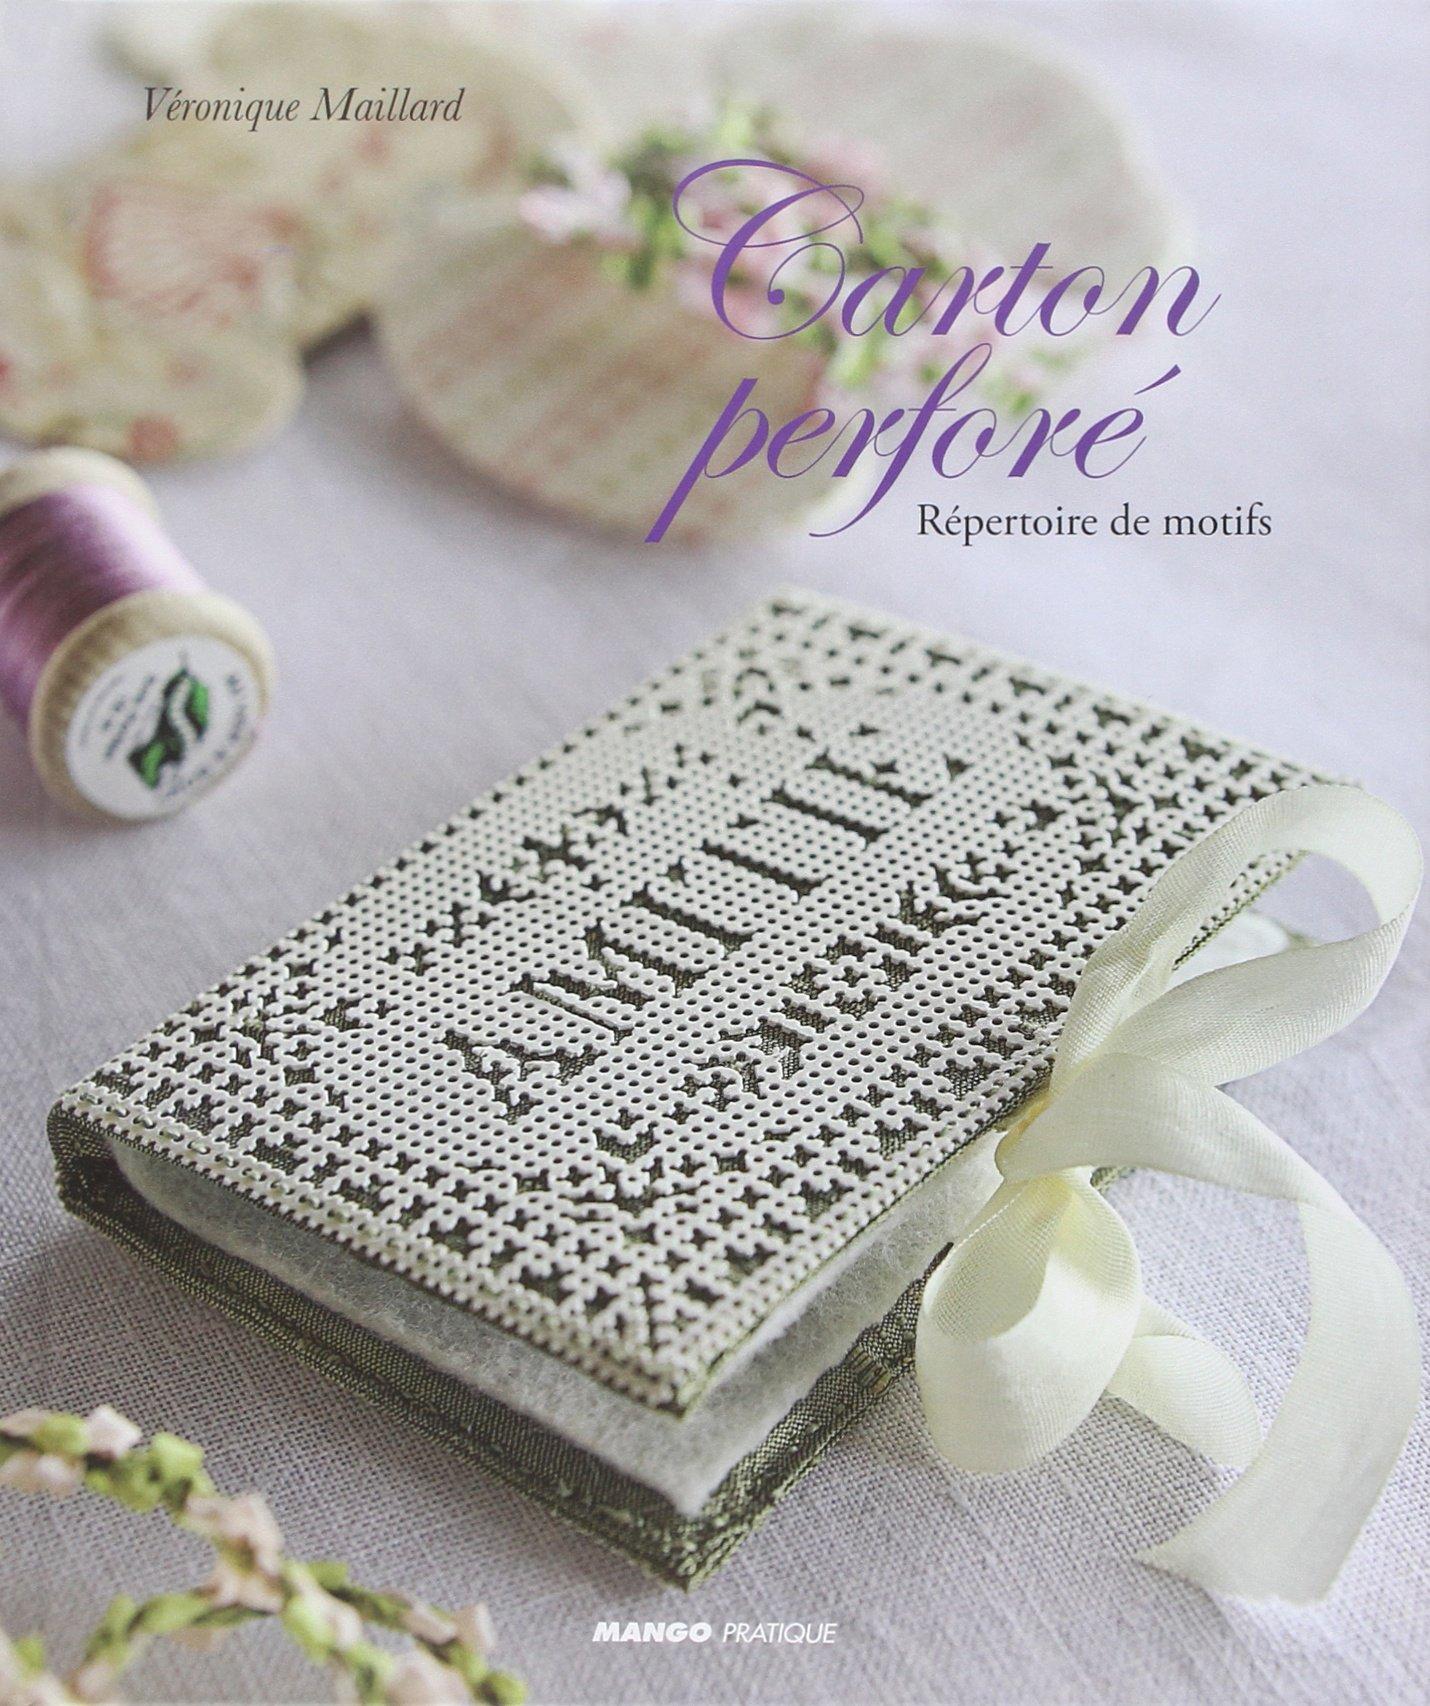 Carton perfore